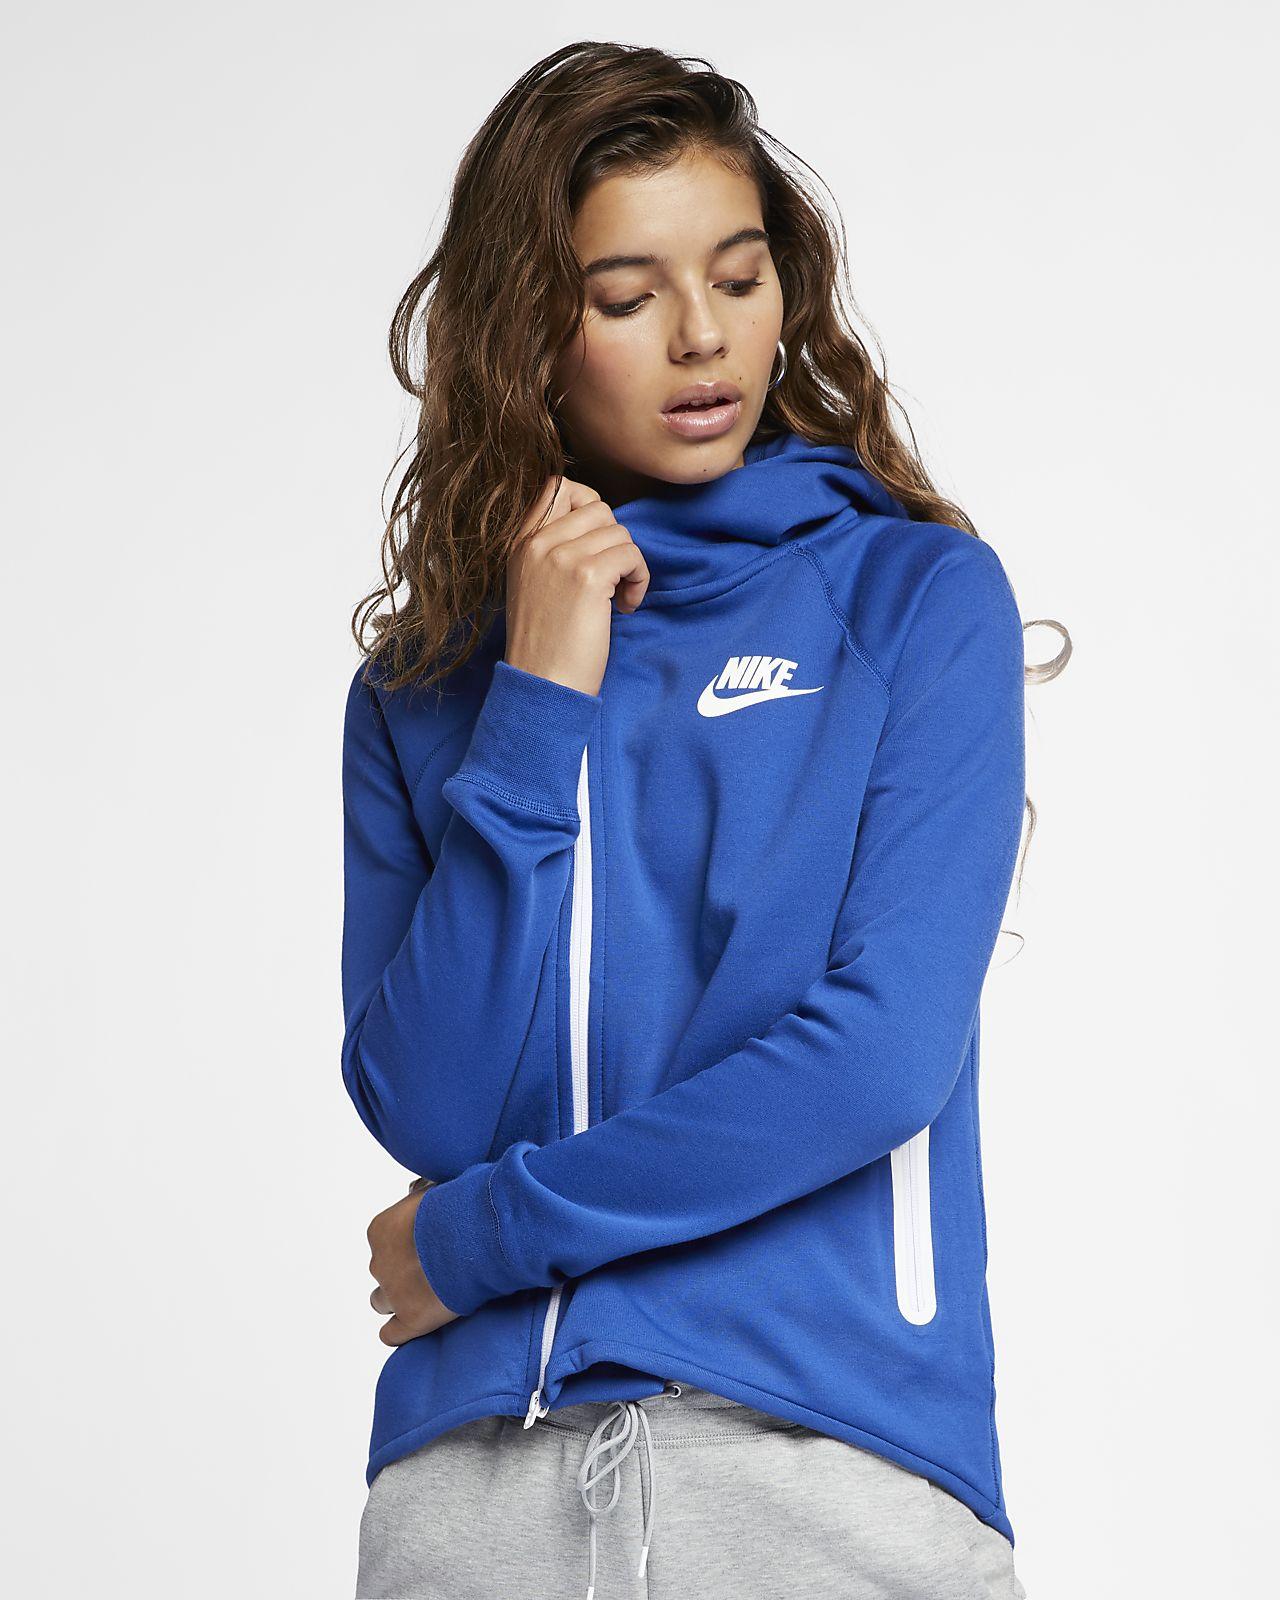 526696c5 Nike Sportswear Tech Fleece Women's Full-Zip Cape. Nike.com